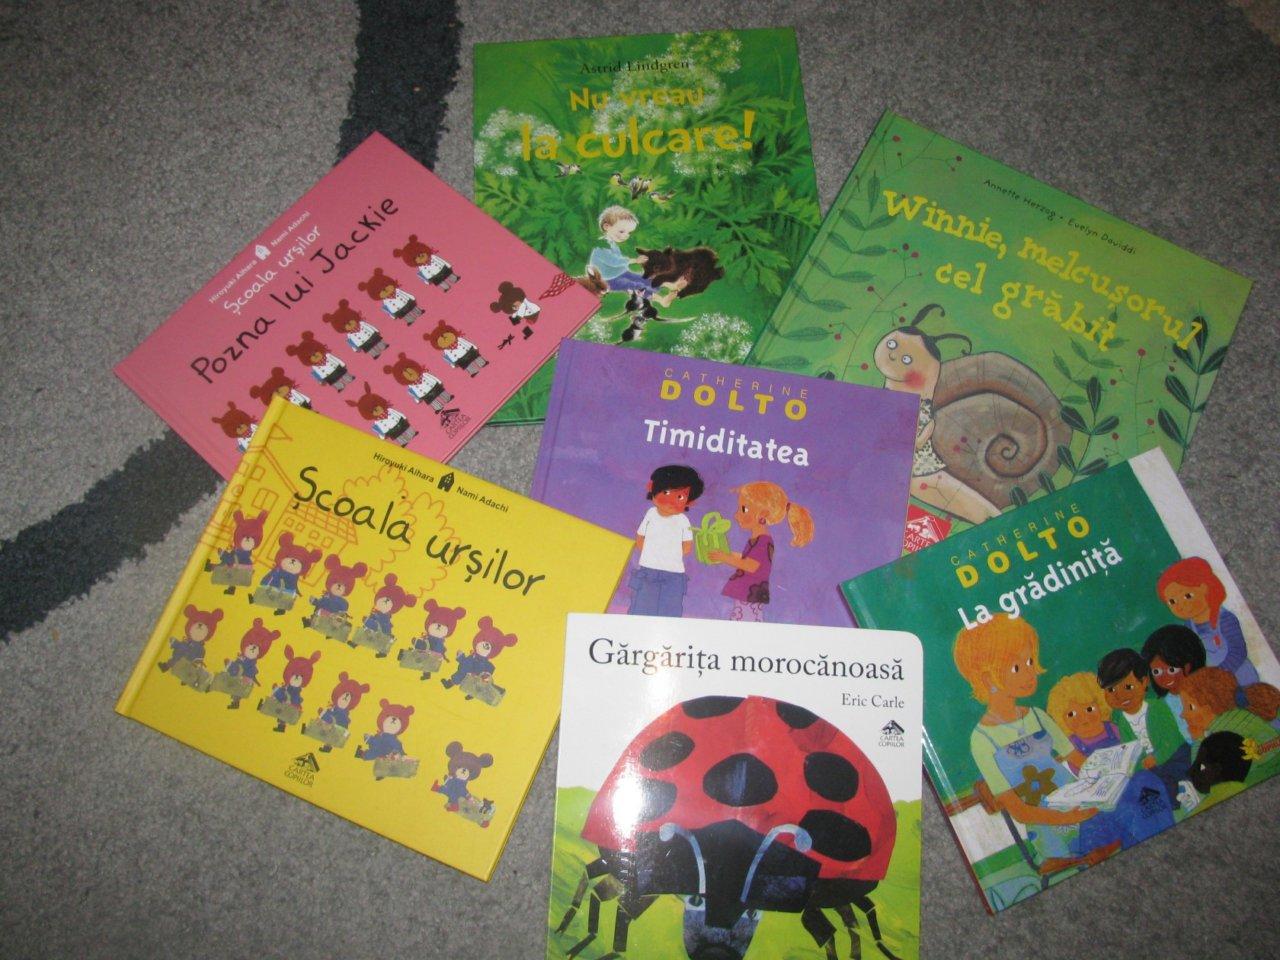 Ce mai citim noi? Cartea pentru copii